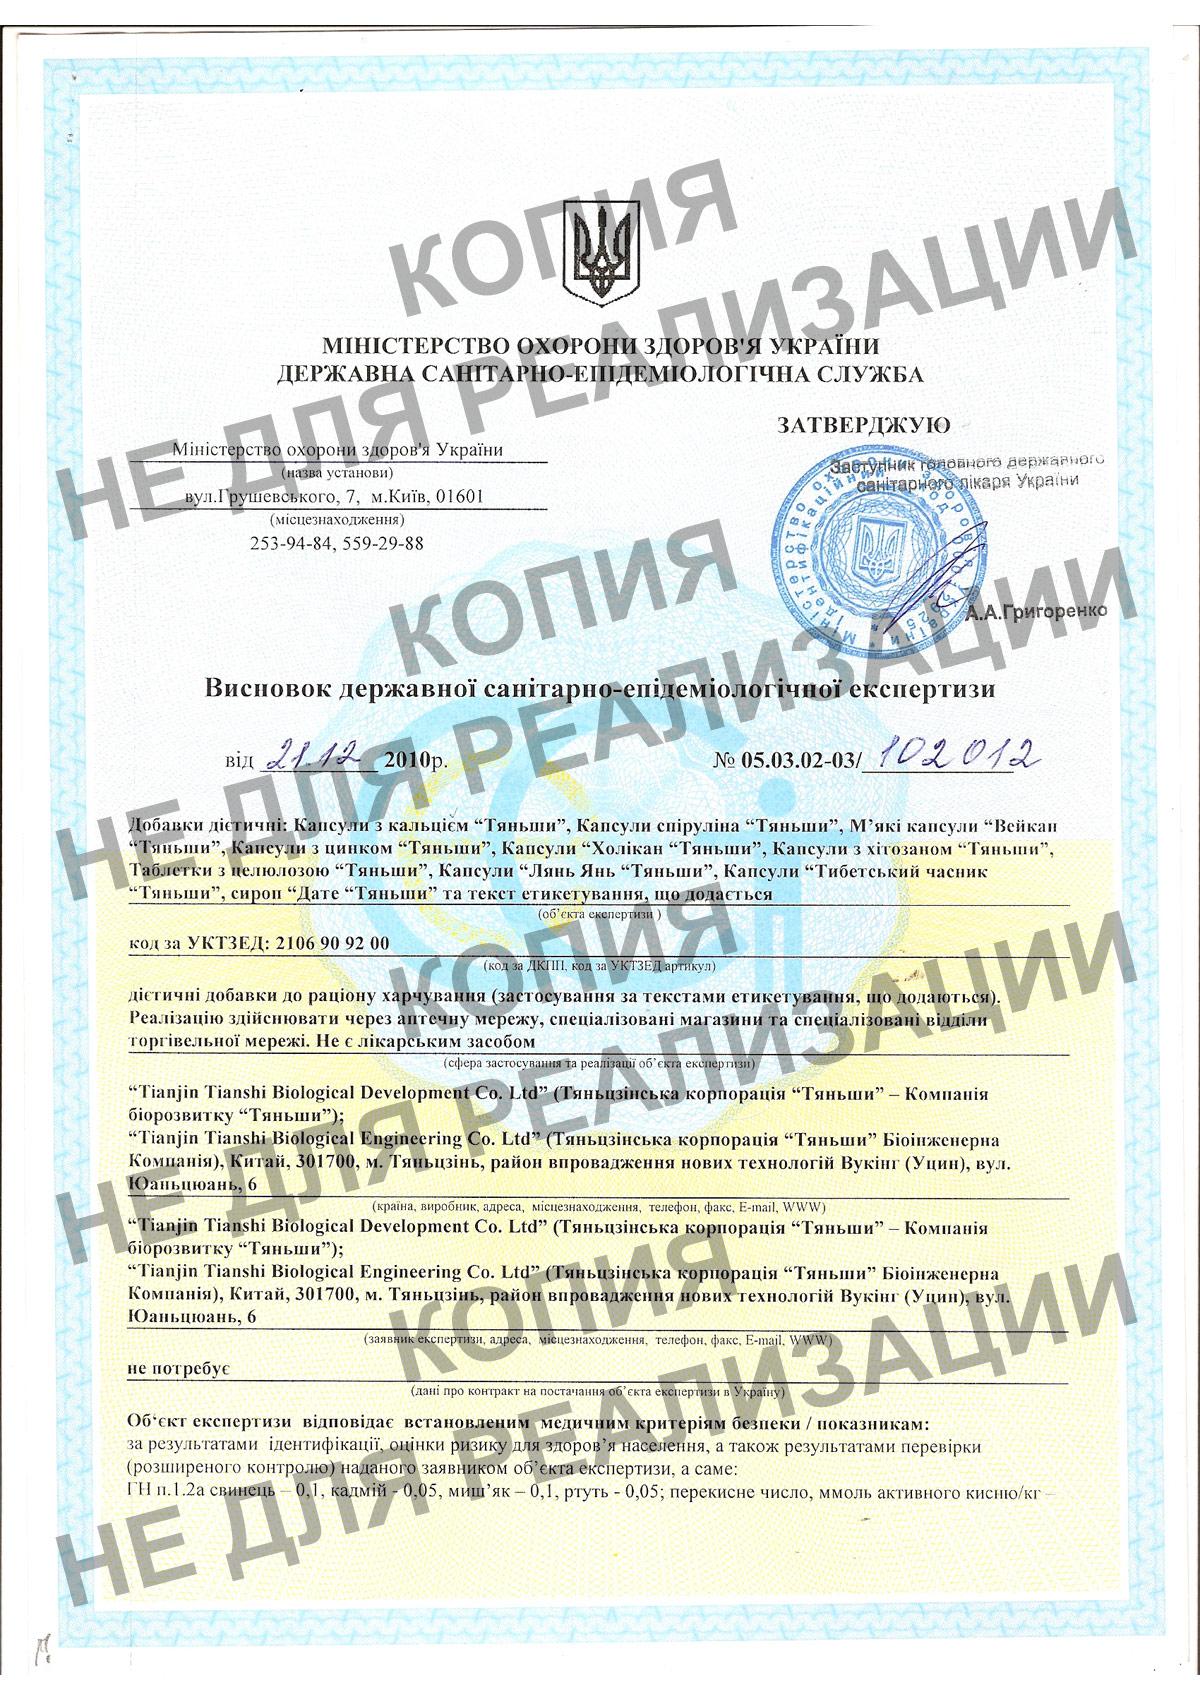 сертификат тяньши,сертификаты на продукцию тяньши в украине